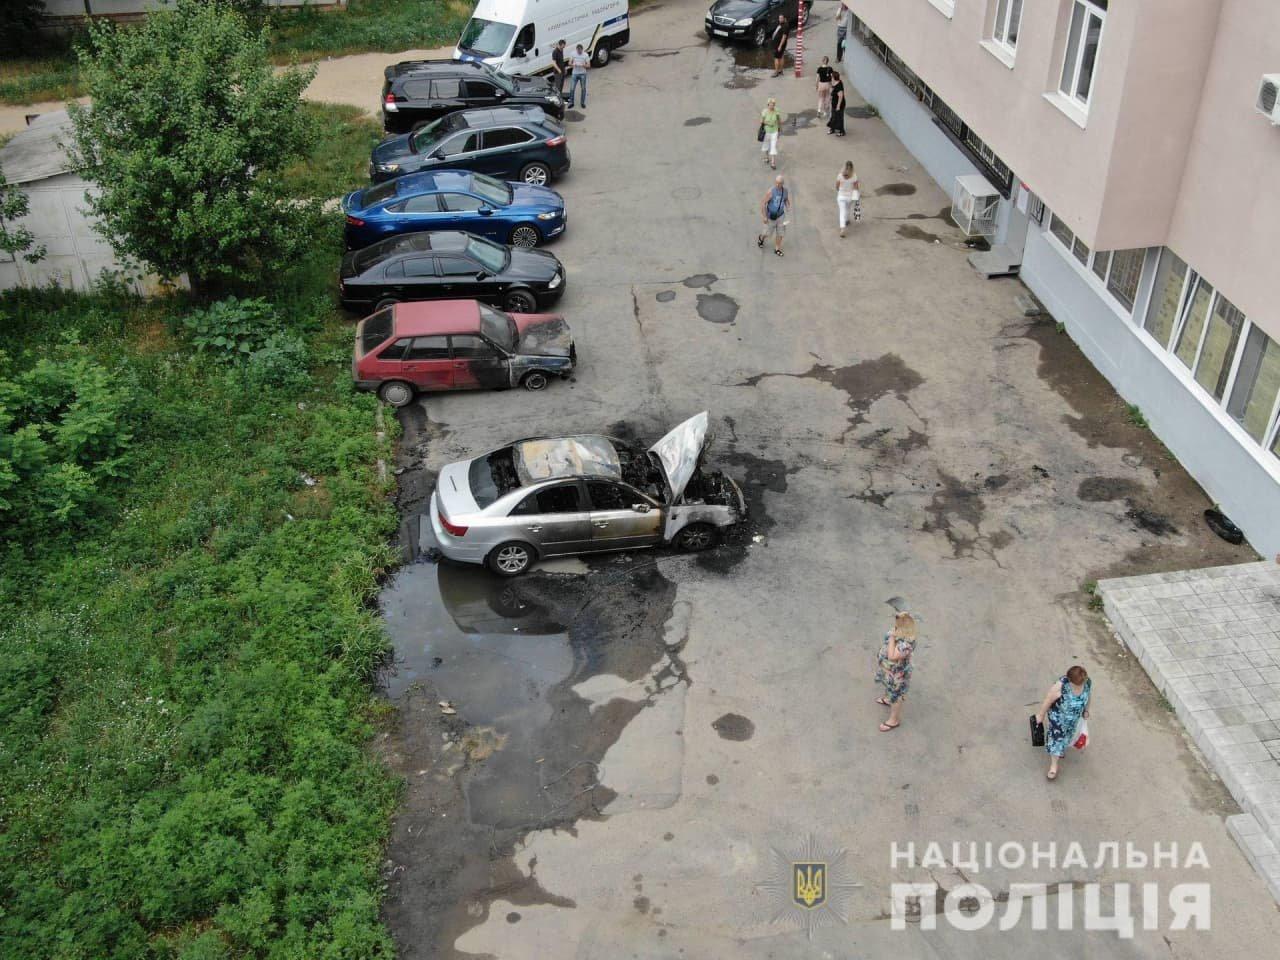 Поджог авто на Алексеевке: полиция открыла уголовное производство, - ФОТО, фото-1